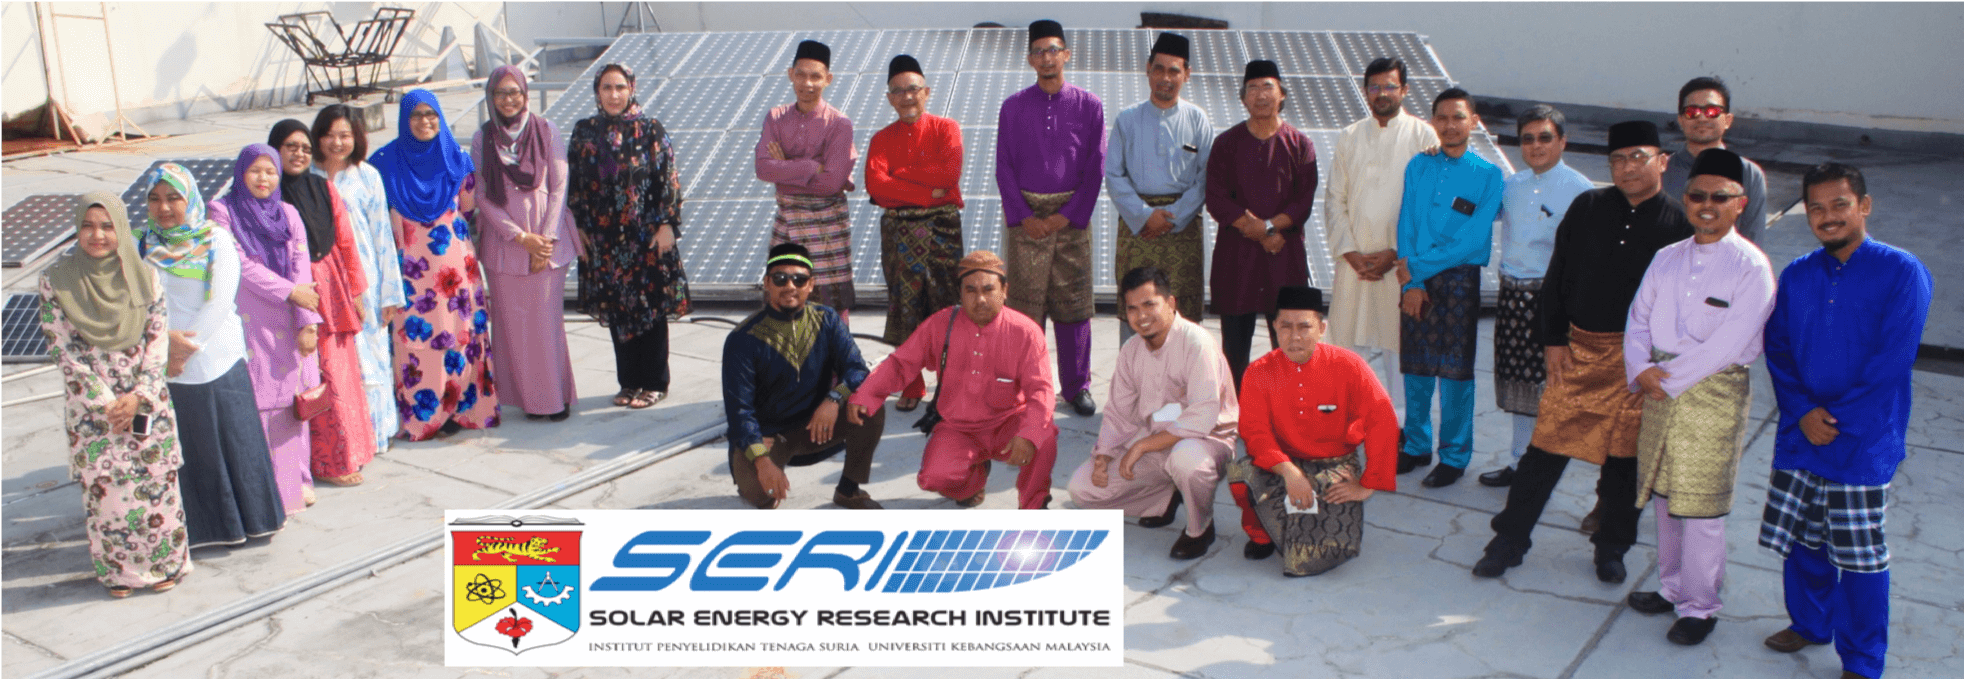 SERI Staff 1